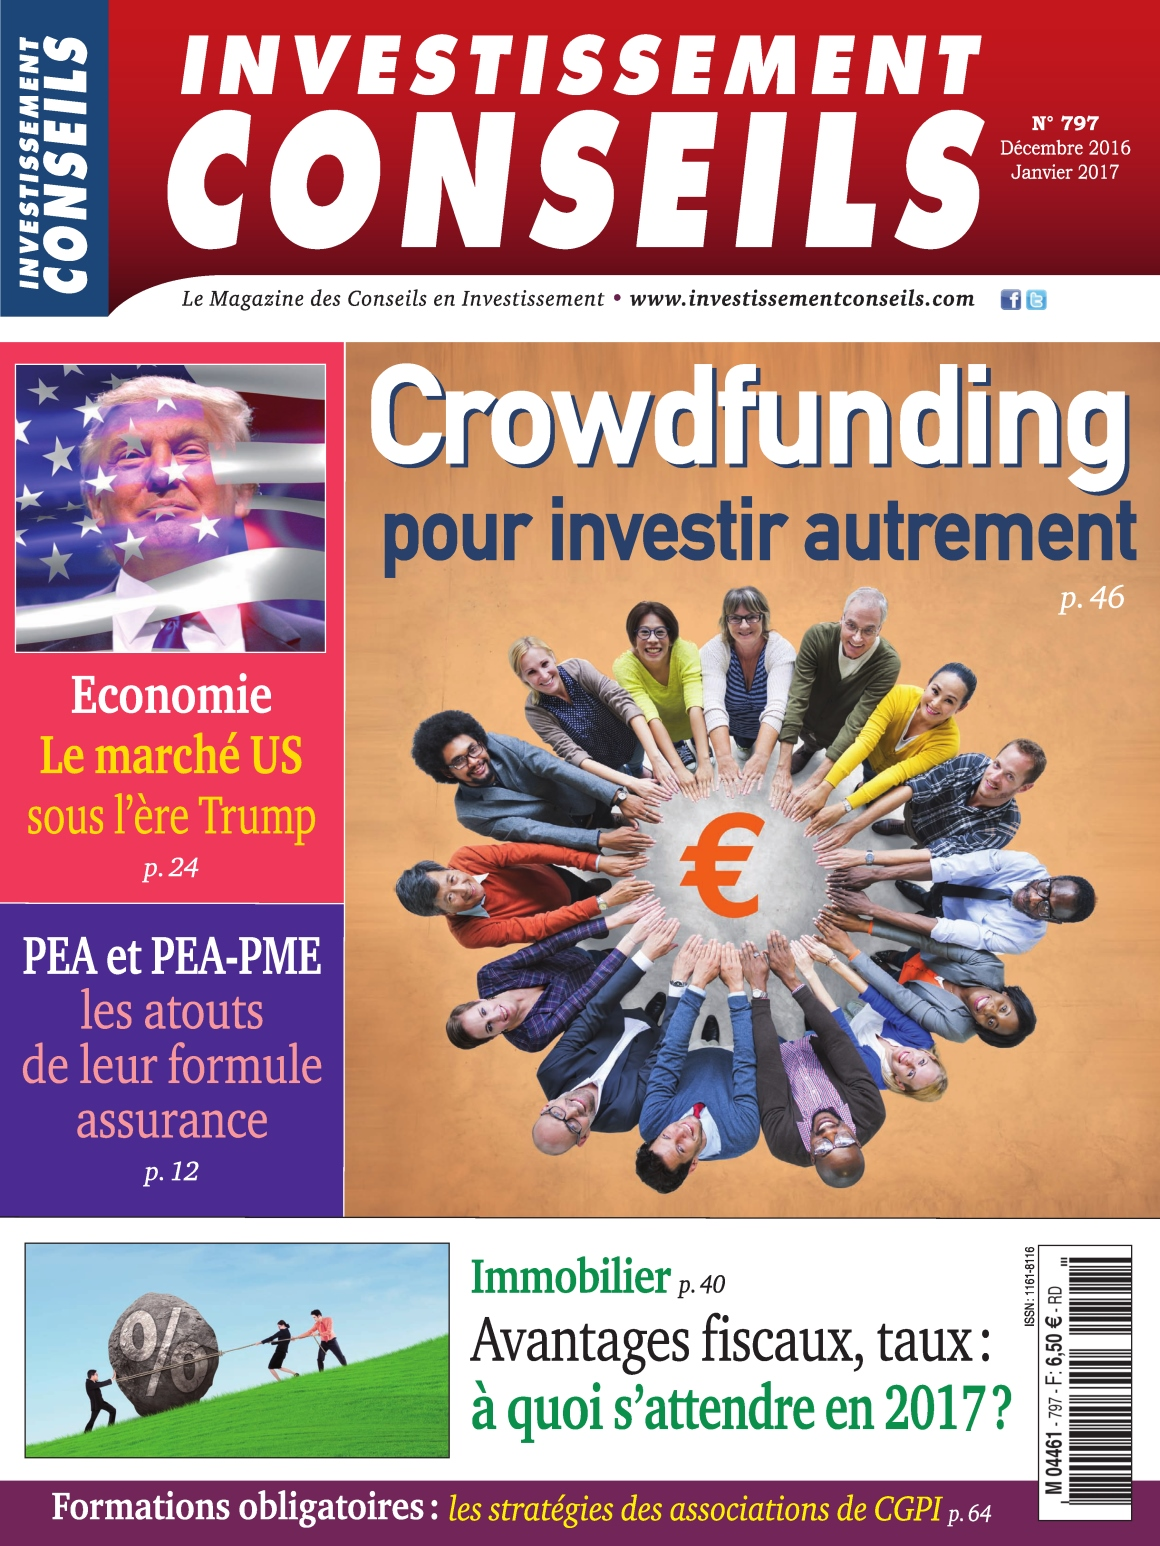 Investissement Conseils N°797 - Décembre 2016/Janvier 2017